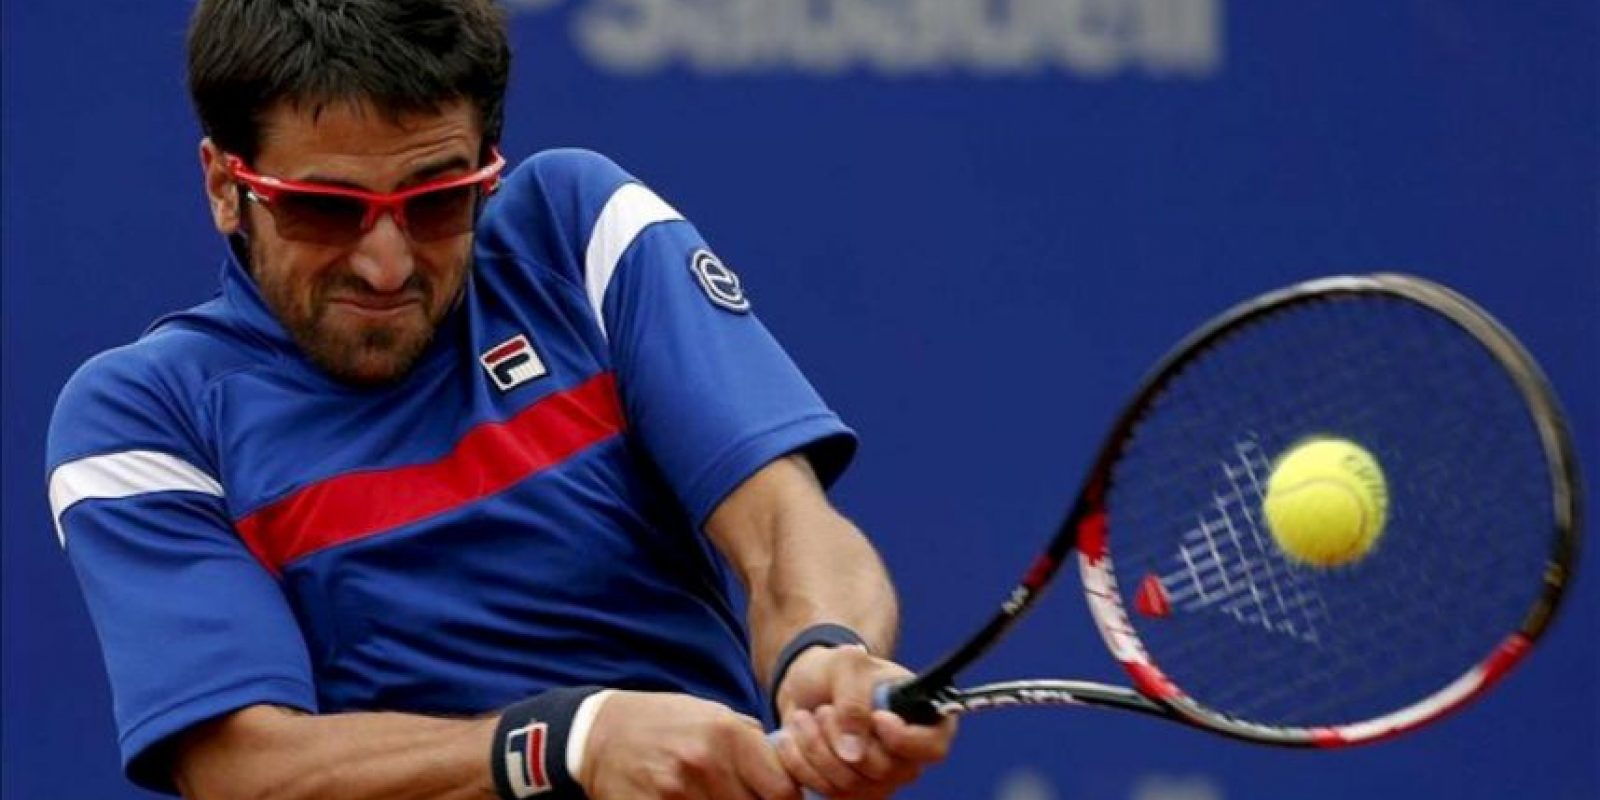 El tenista serbio Janko Tipsarevic devuelve una pelota durante el partido de cuartos contra el mallorquín Rafa Nadal. EFE